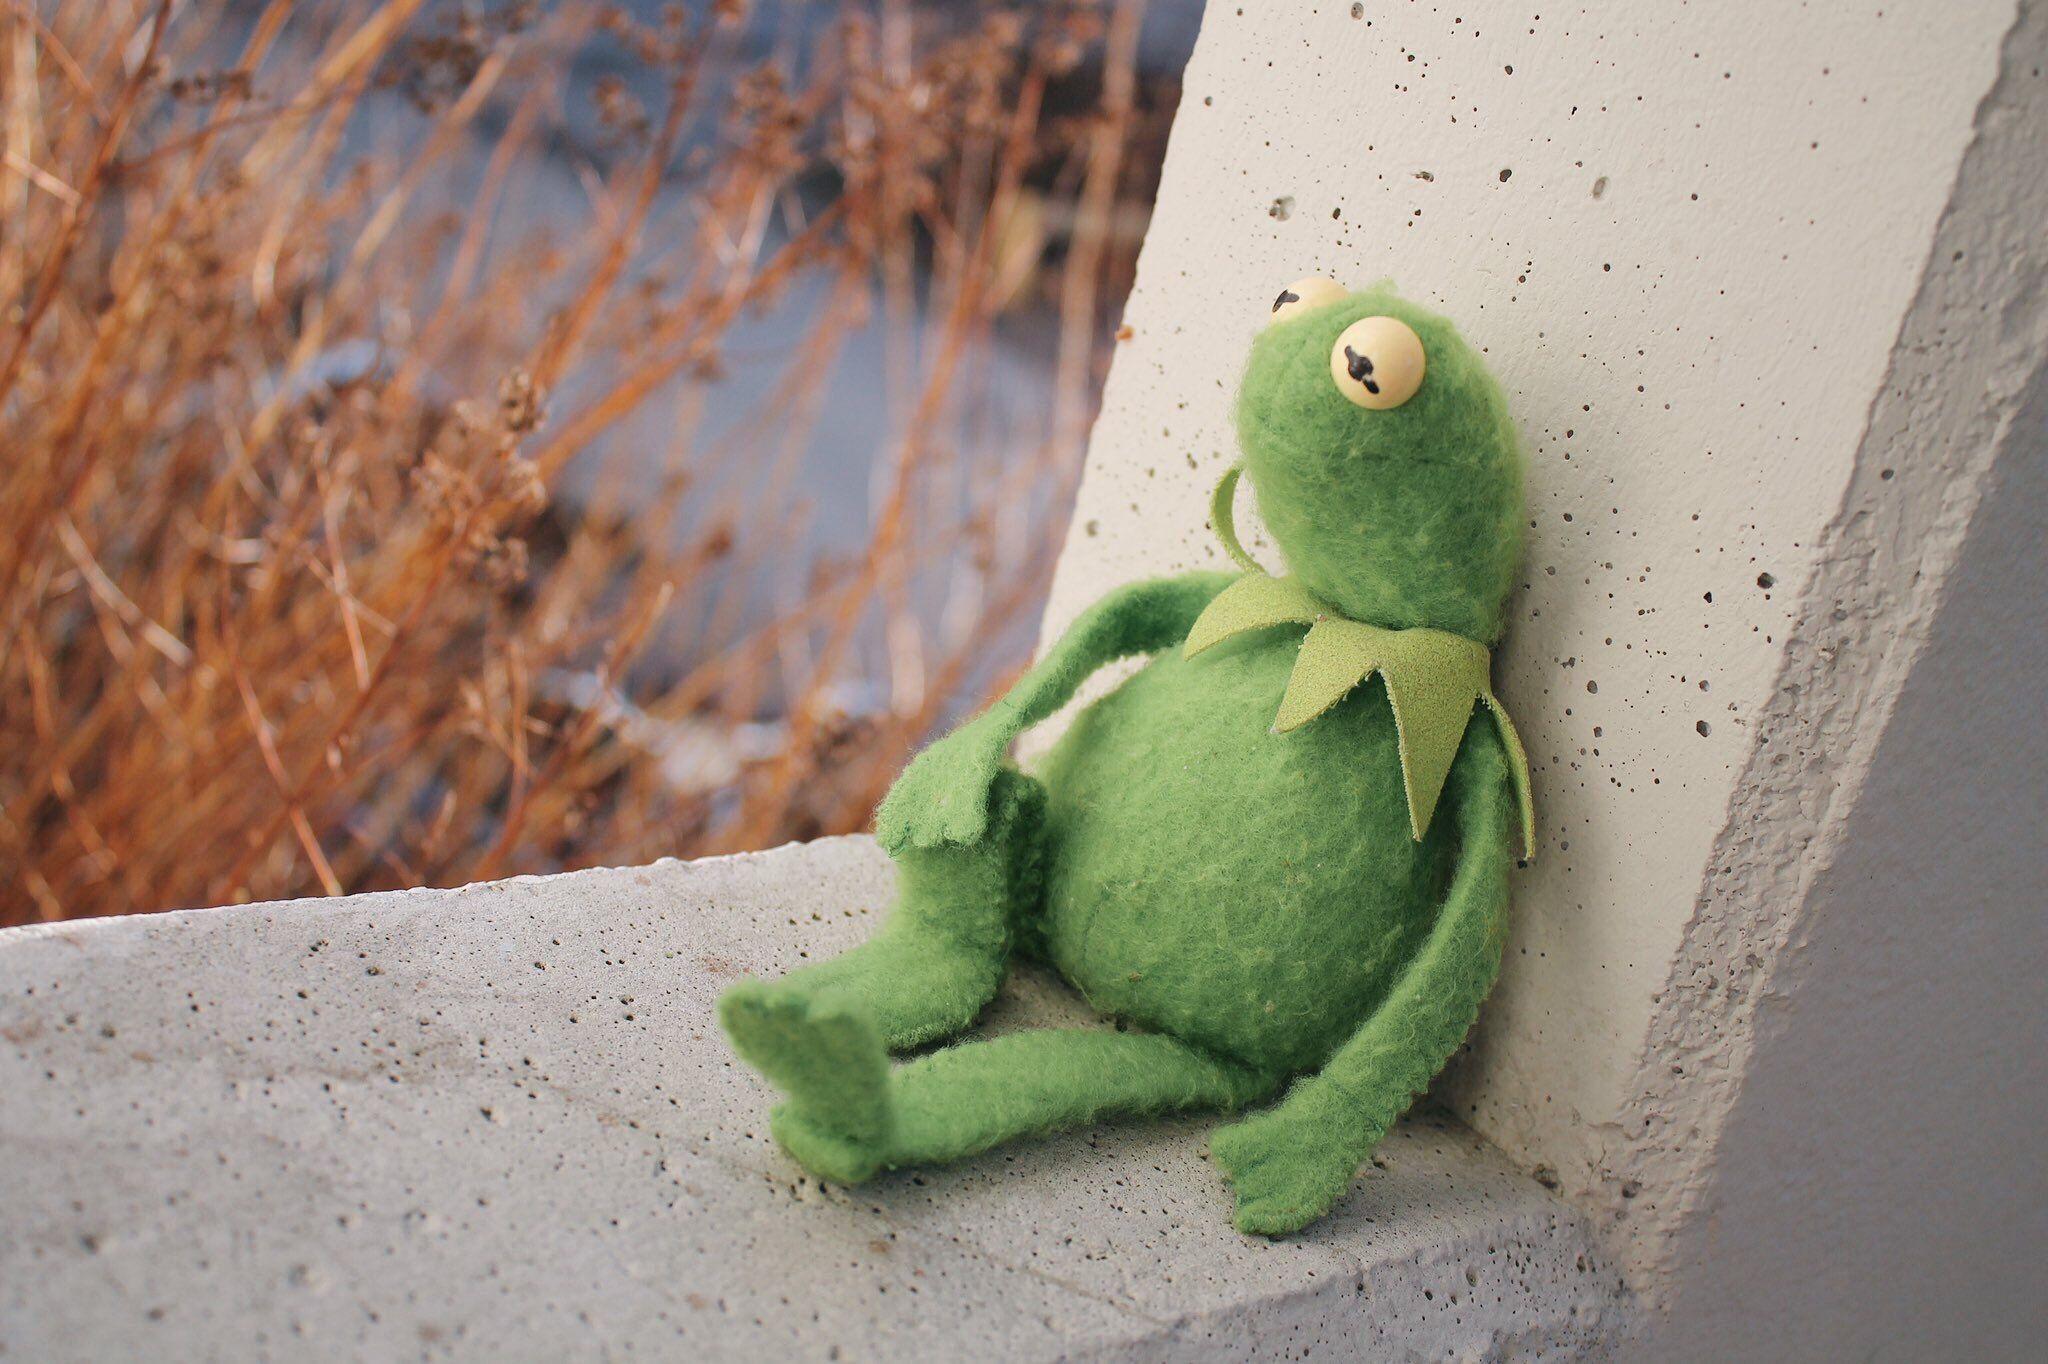 Pin De Ehab Taha Em Cute Frog Memes 1 1 Sapo Meme Rostos De Meme Sapos Engracados